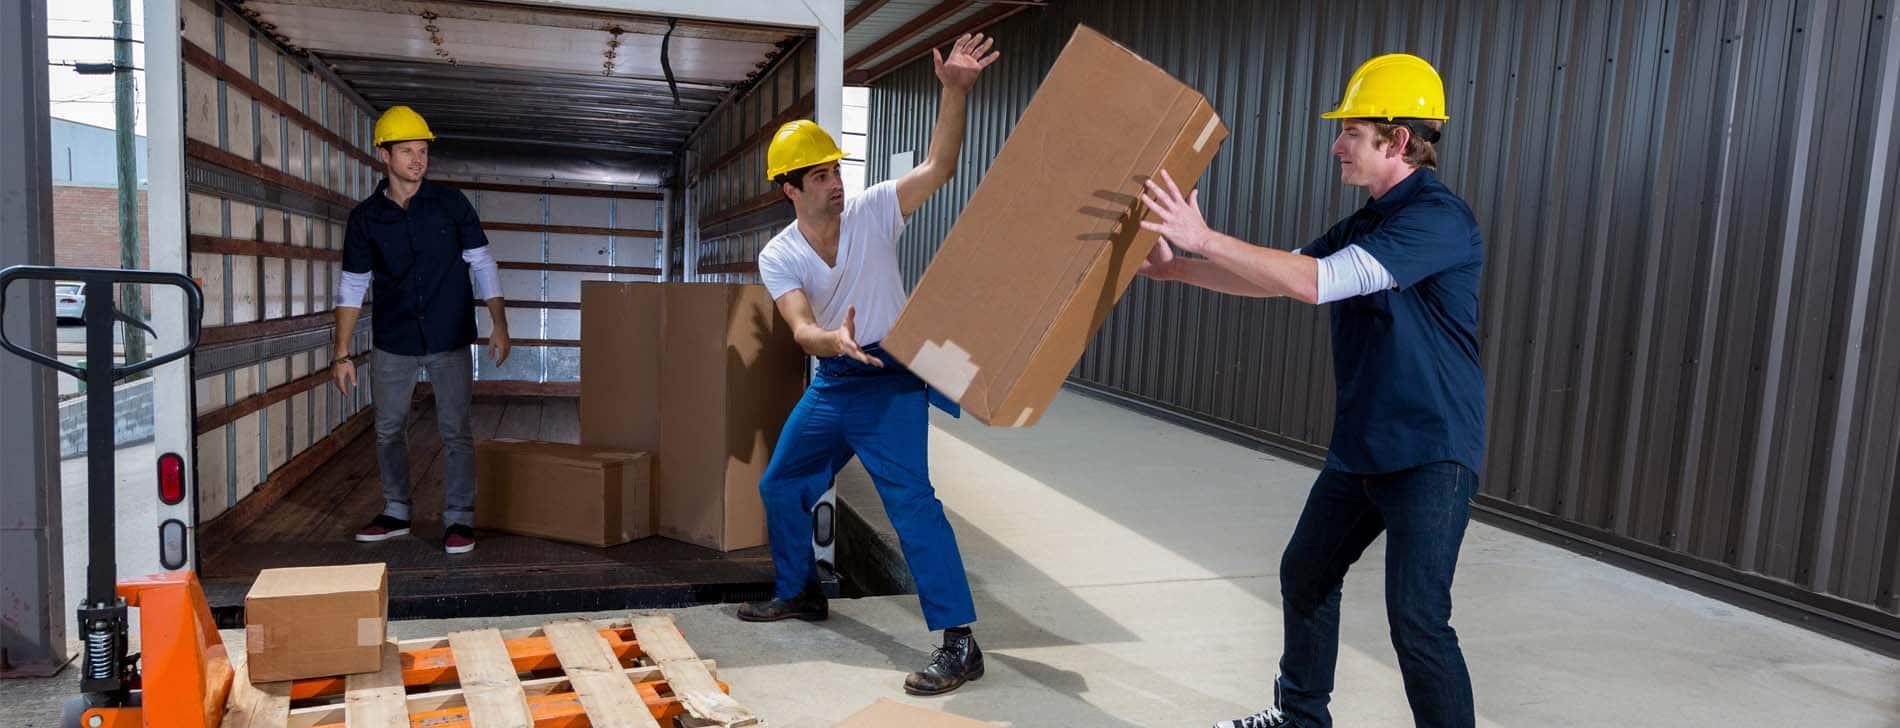 如何防止貨物運送過程損壞?